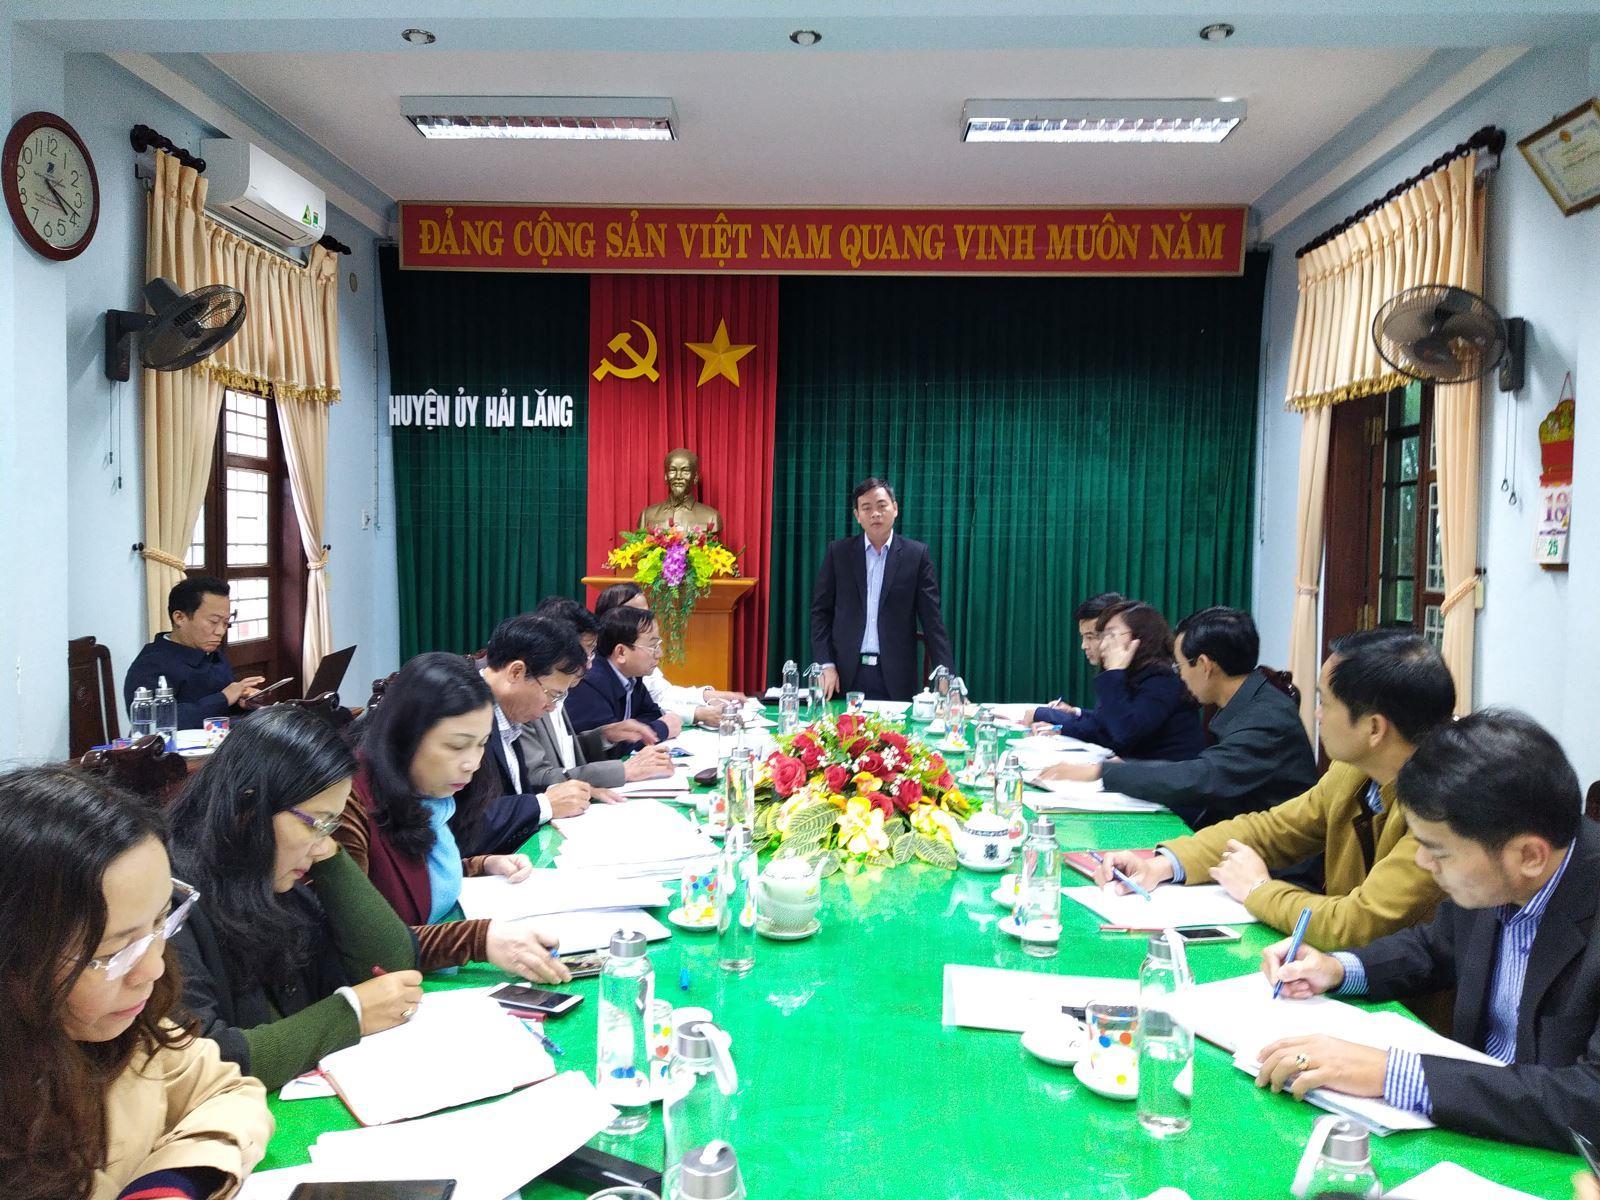 Đoàn công tác của Thường trực Tỉnh ủy làm việc với Huyện ủy Hải Lăng